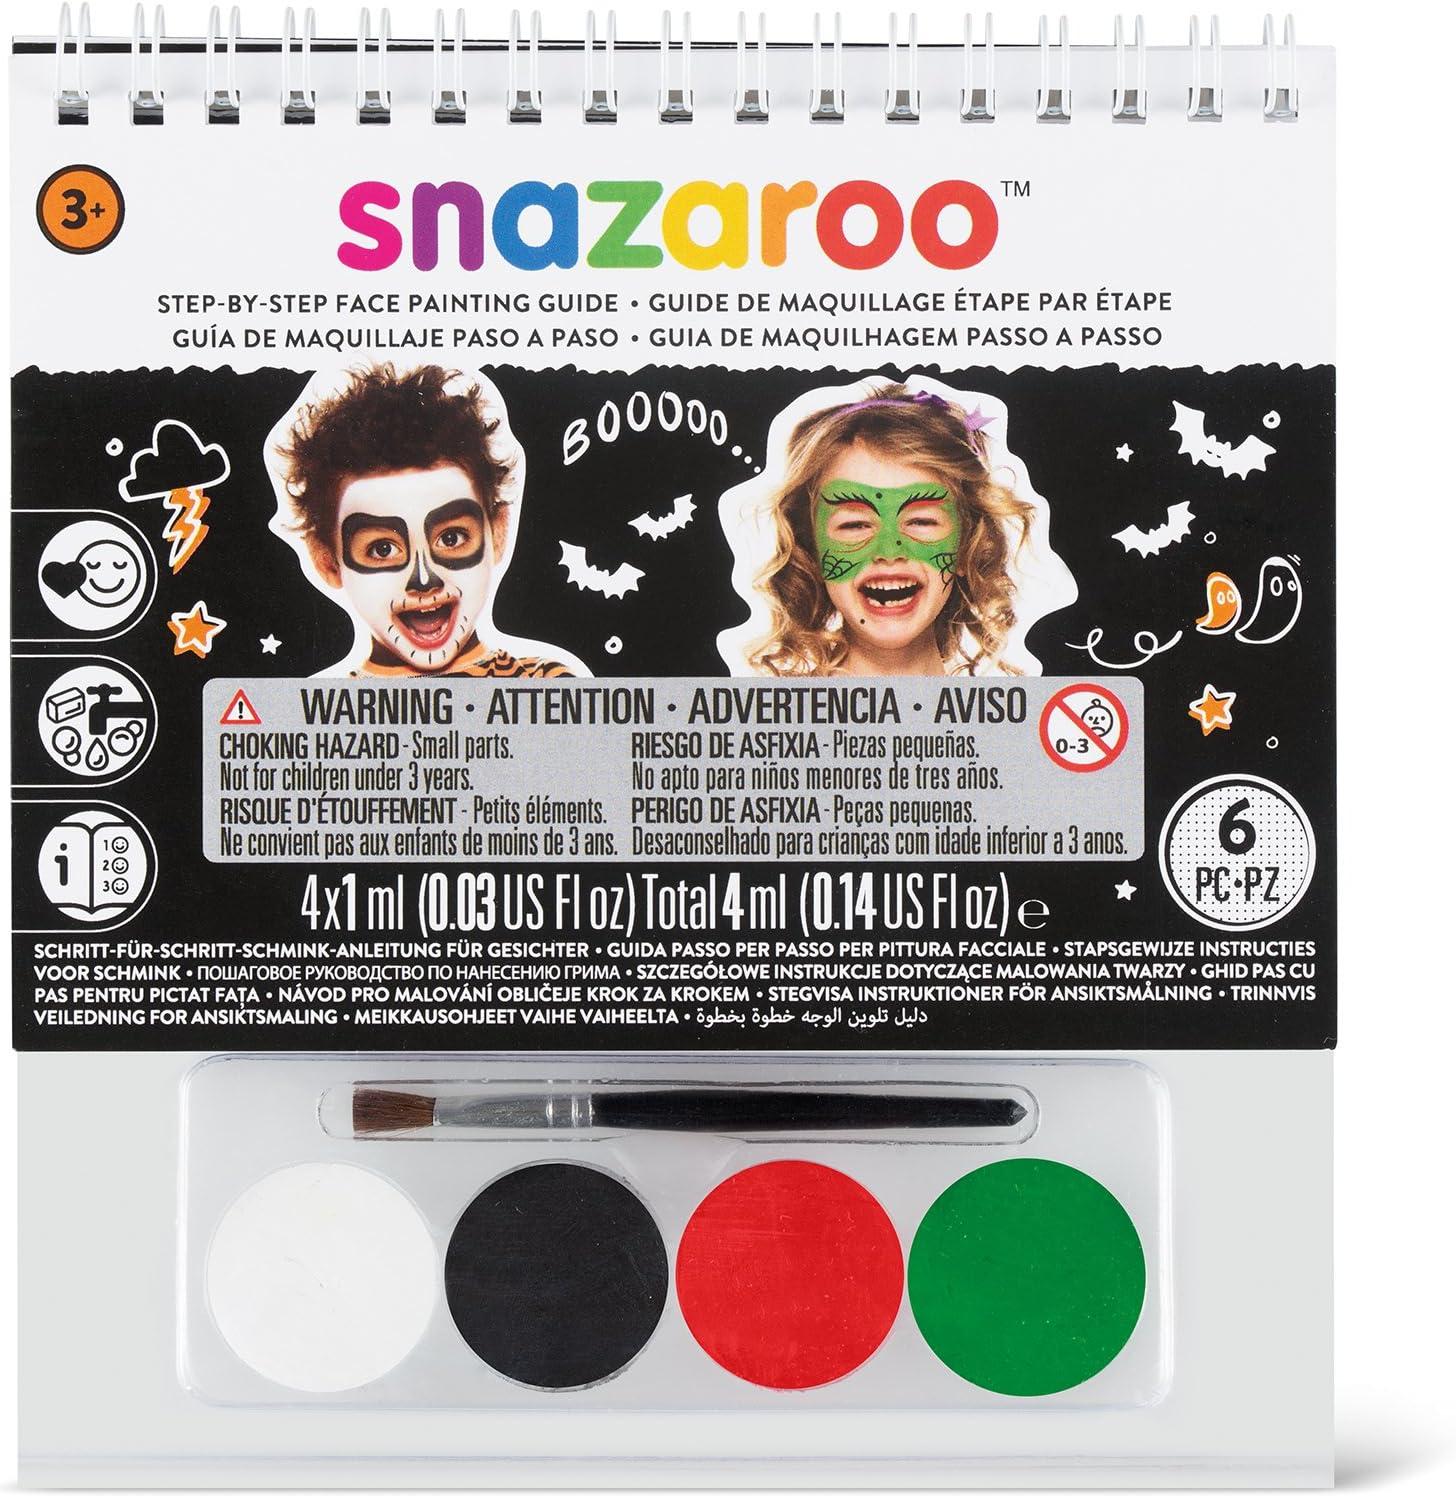 Snazaroo - Manual A6 de maquillaje con pintura facial y guía para pintar en 2 pasos, Halloween: Amazon.es: Juguetes y juegos